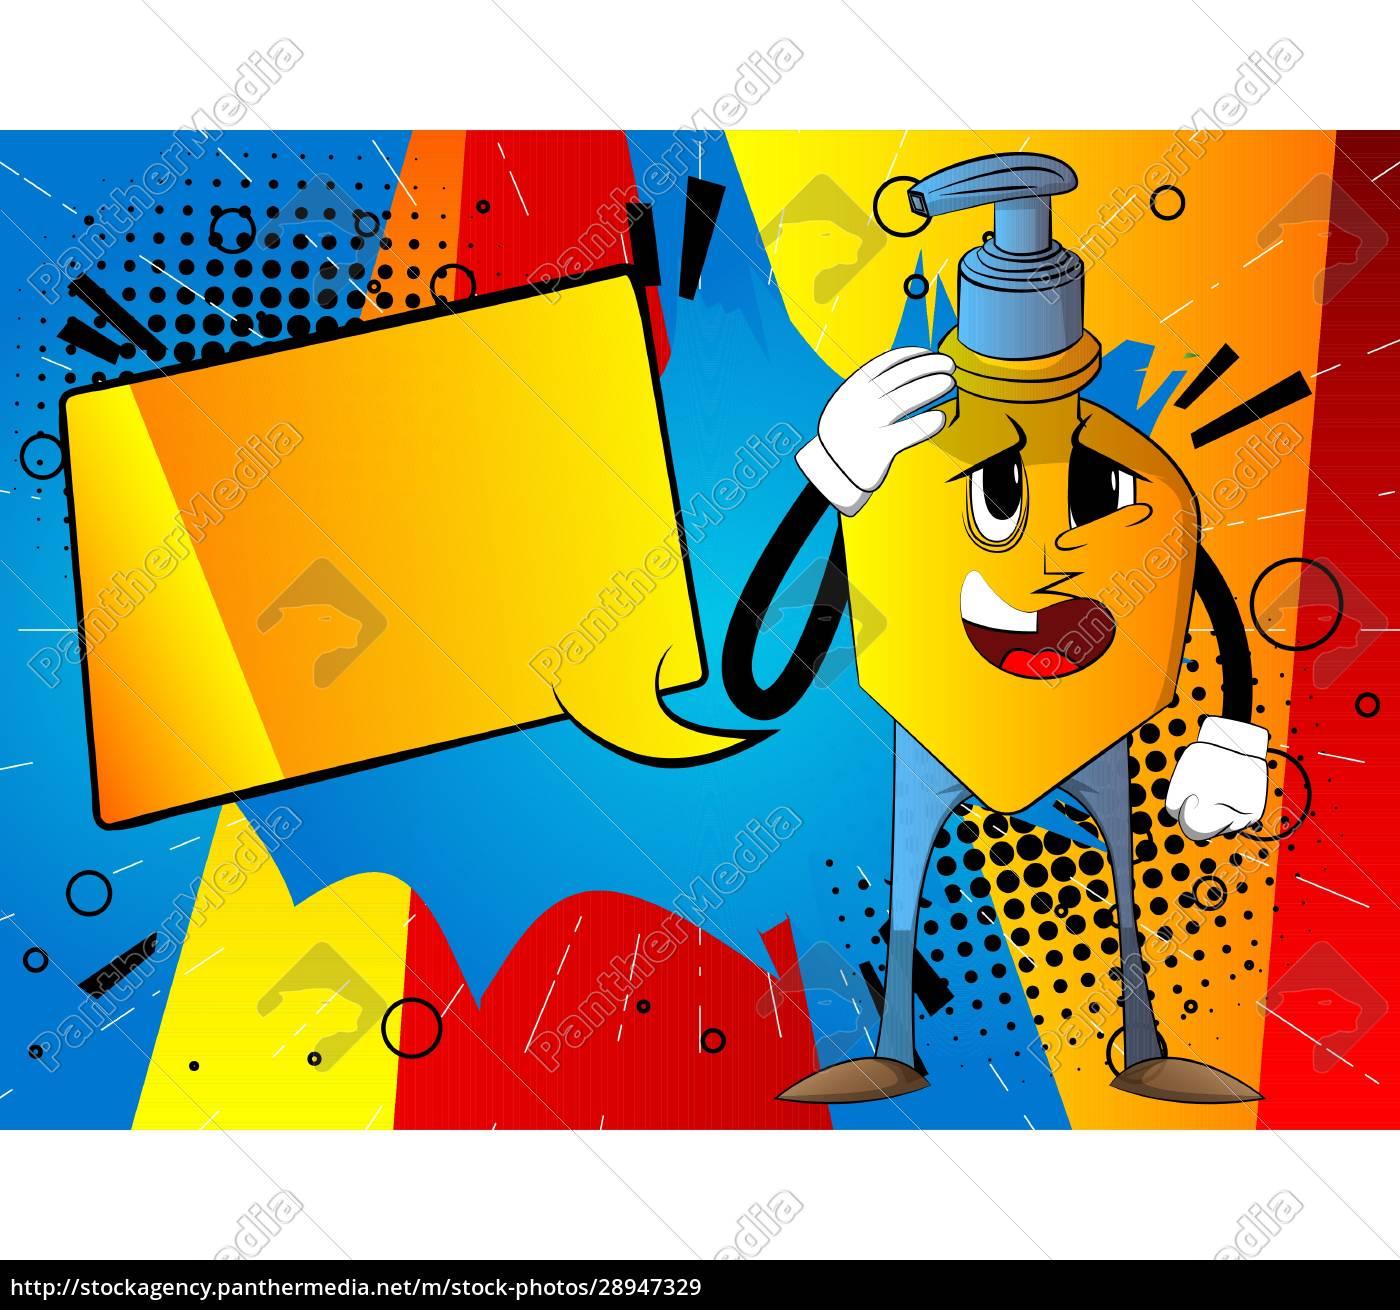 bottle, of, hand, sanitizer, gel, placing - 28947329